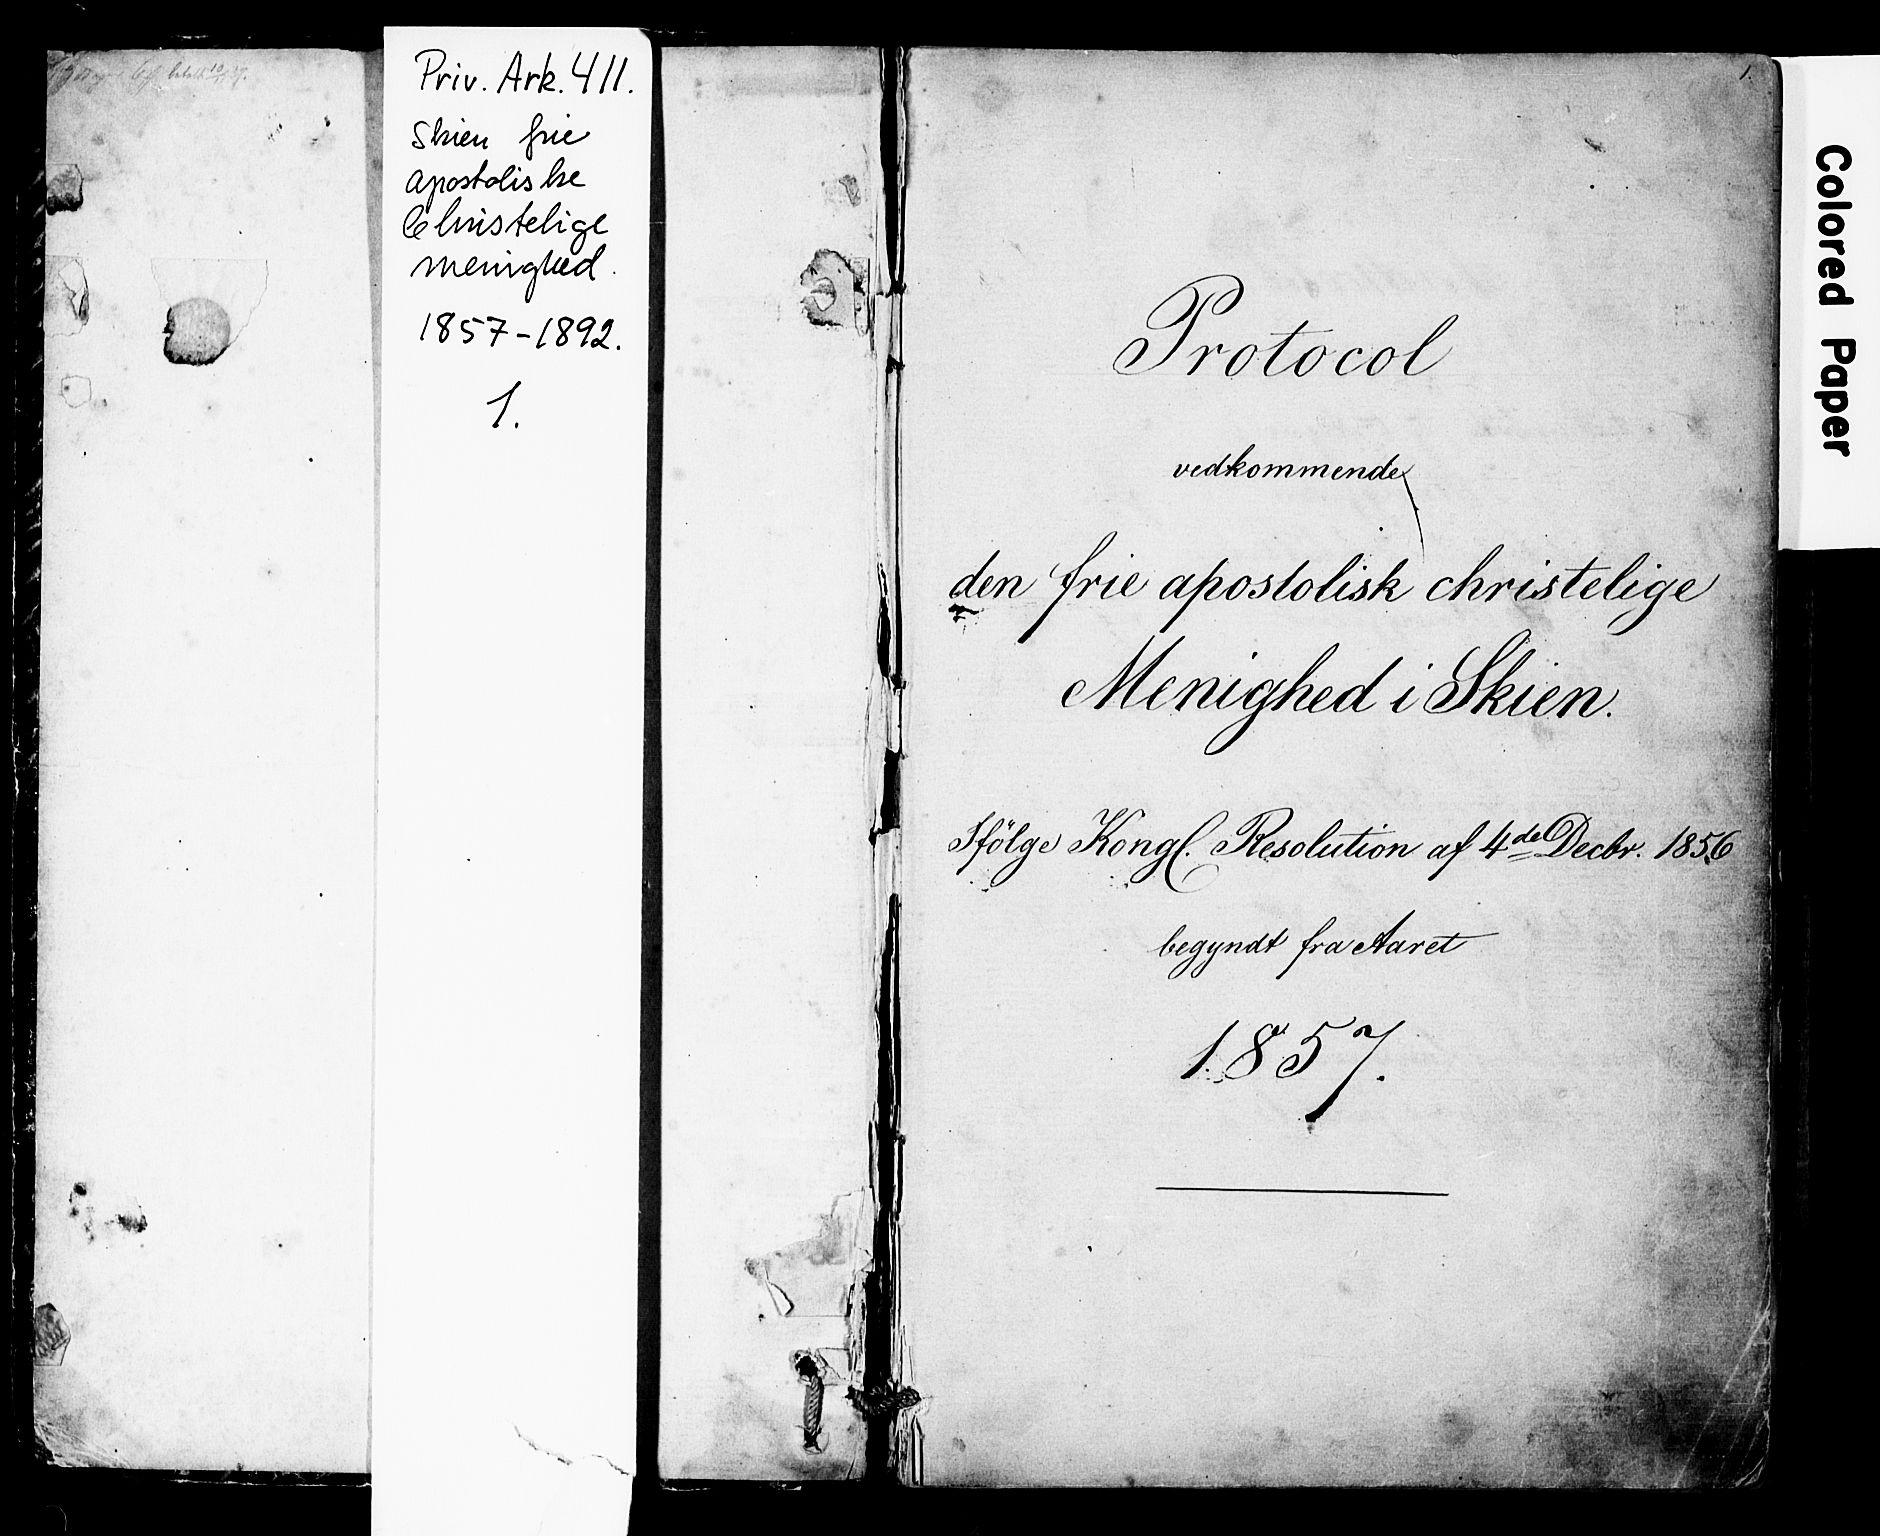 SAKO, Den frie apostolisk-kristelige menighet i Skien, F/Fa/L0001: Dissenterprotokoll nr. 1, 1856-1892, s. 1